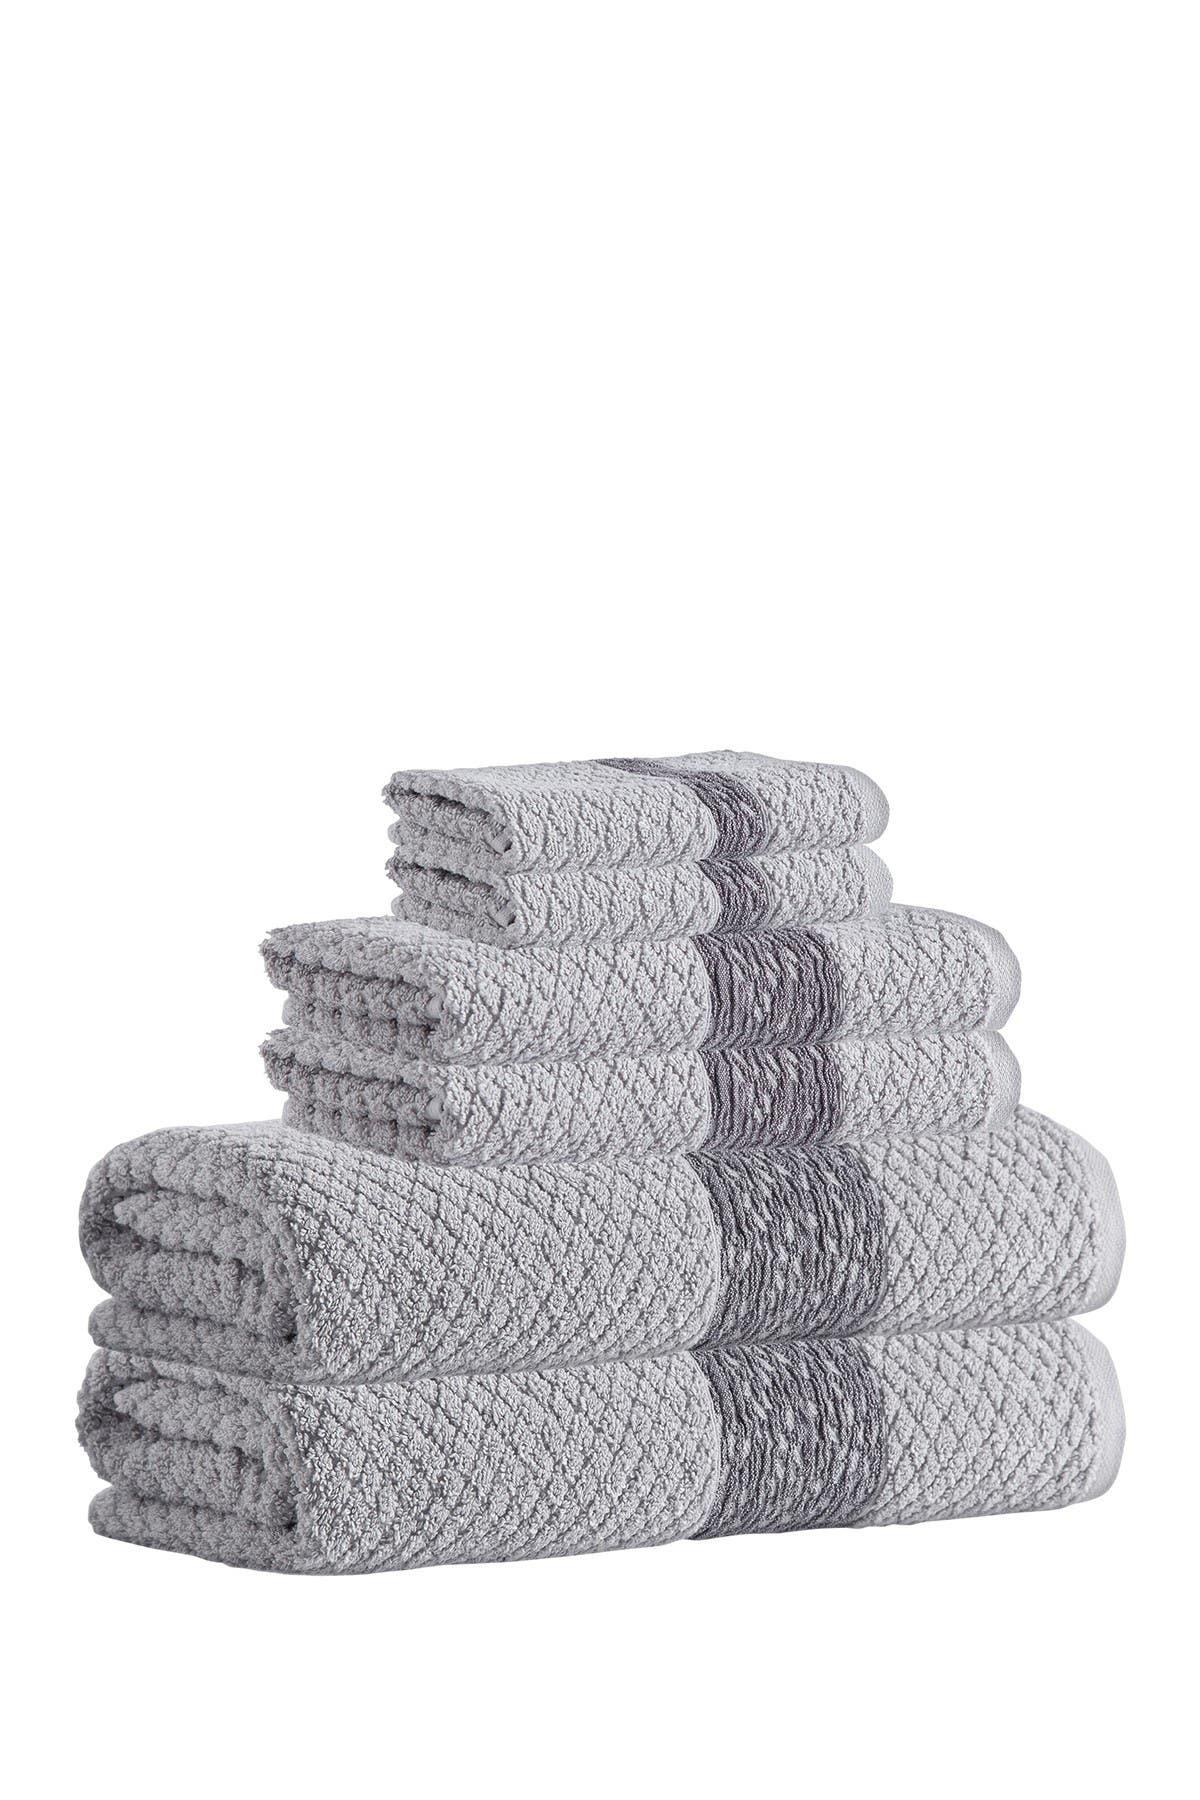 Image of ENCHANTE HOME Anton Turkish Cotton 6-Piece Towel Set - Silver